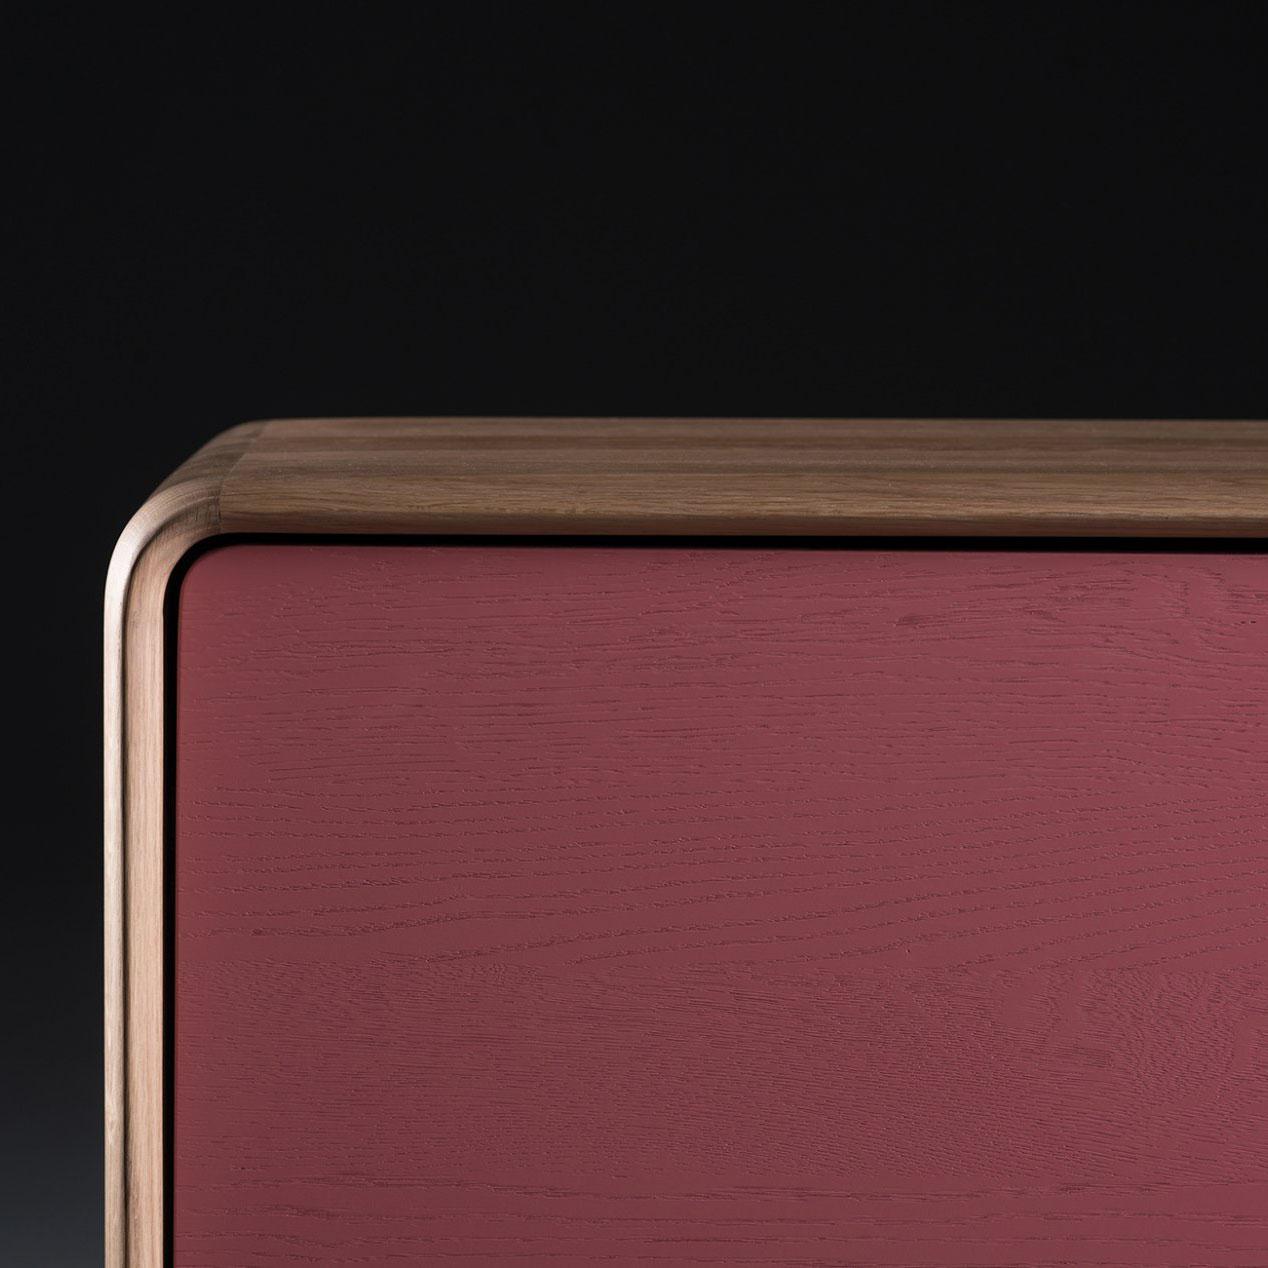 Aparador Neva 75, diseño actual en madera y producción artesana en Europa